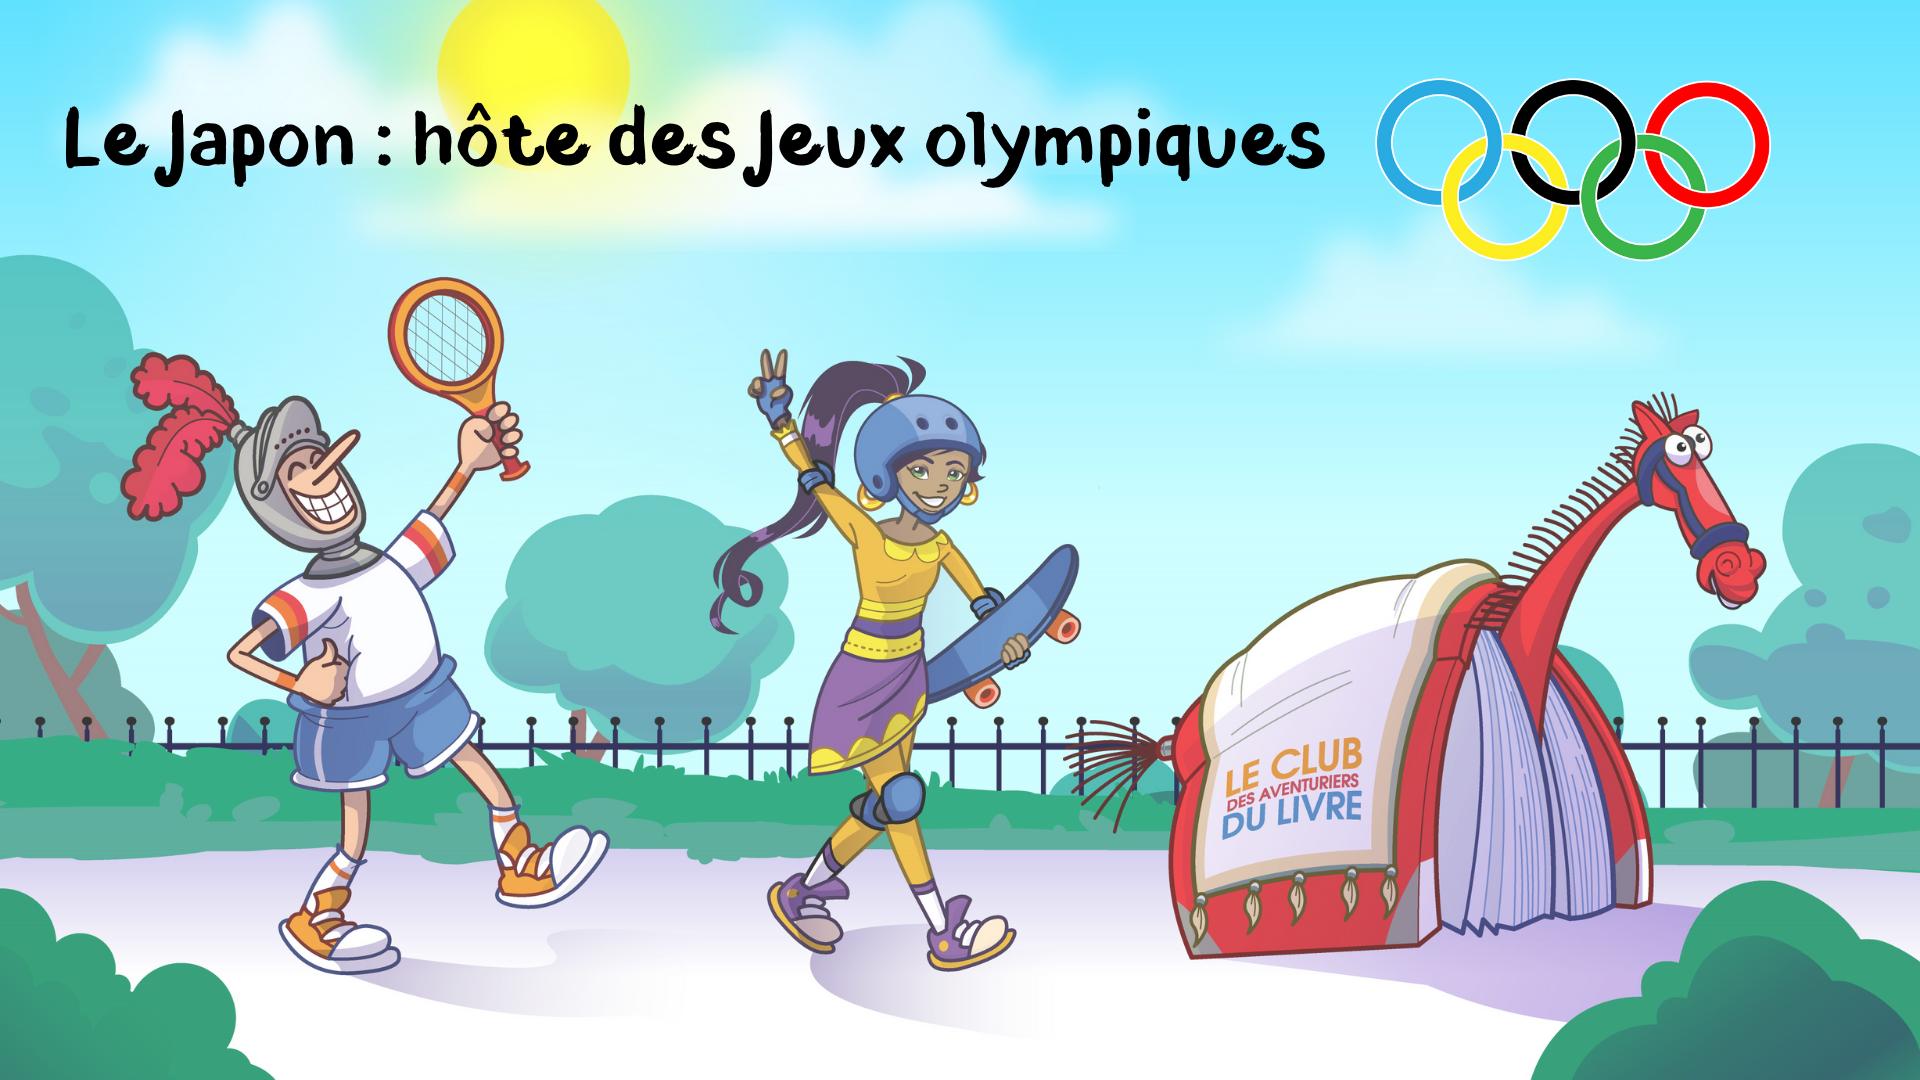 Ville de saint-Eustache - Club des aventuriers du livre : le Japon, hôte des Jeux olympiques